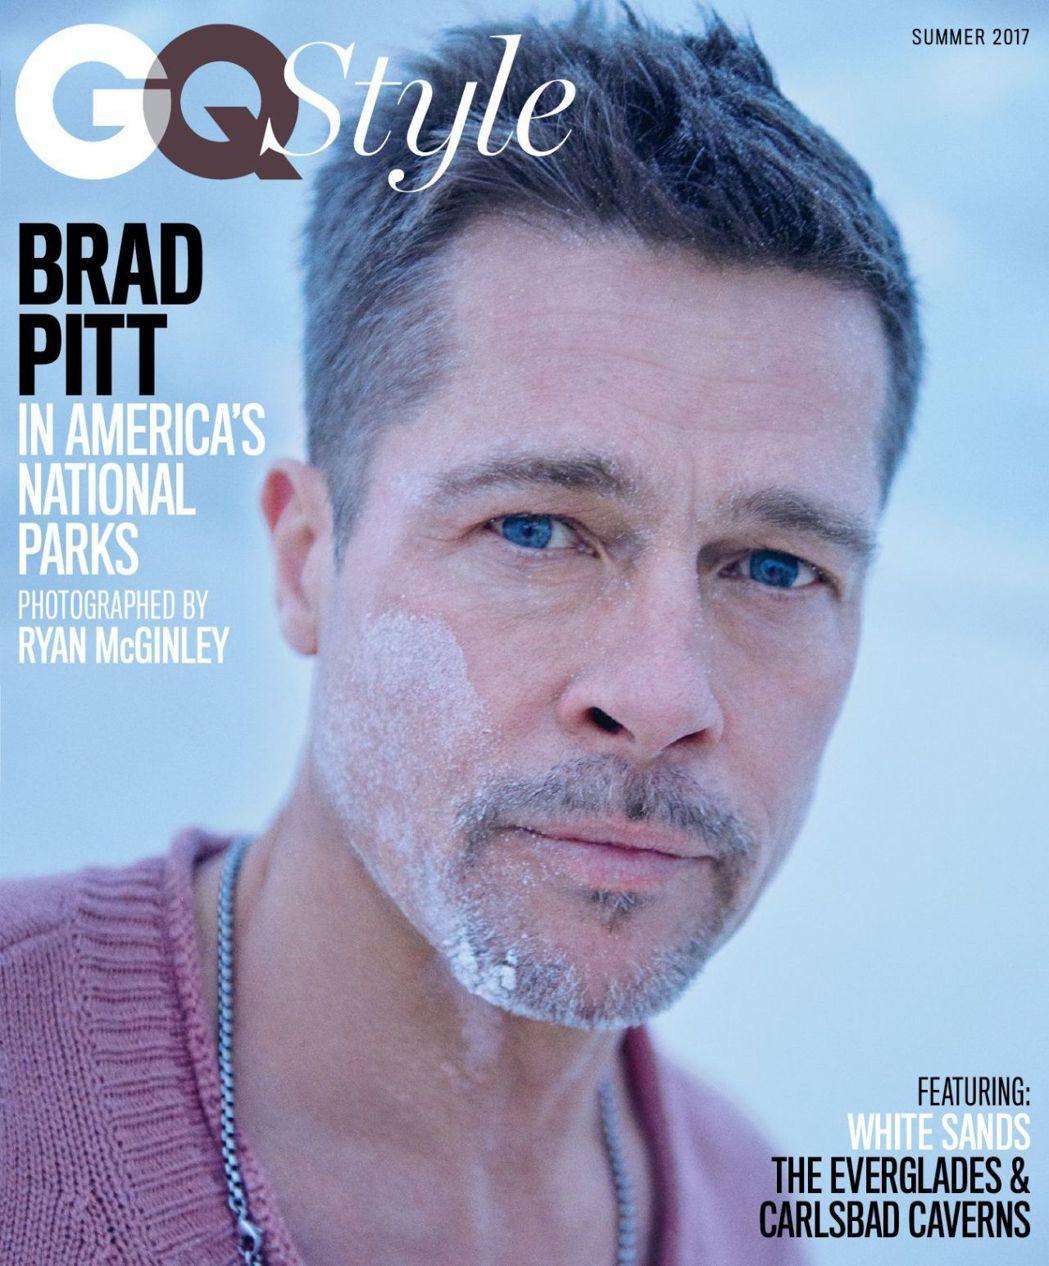 布萊德彼特婚變後首度登上GQ封面。圖/取自GQ